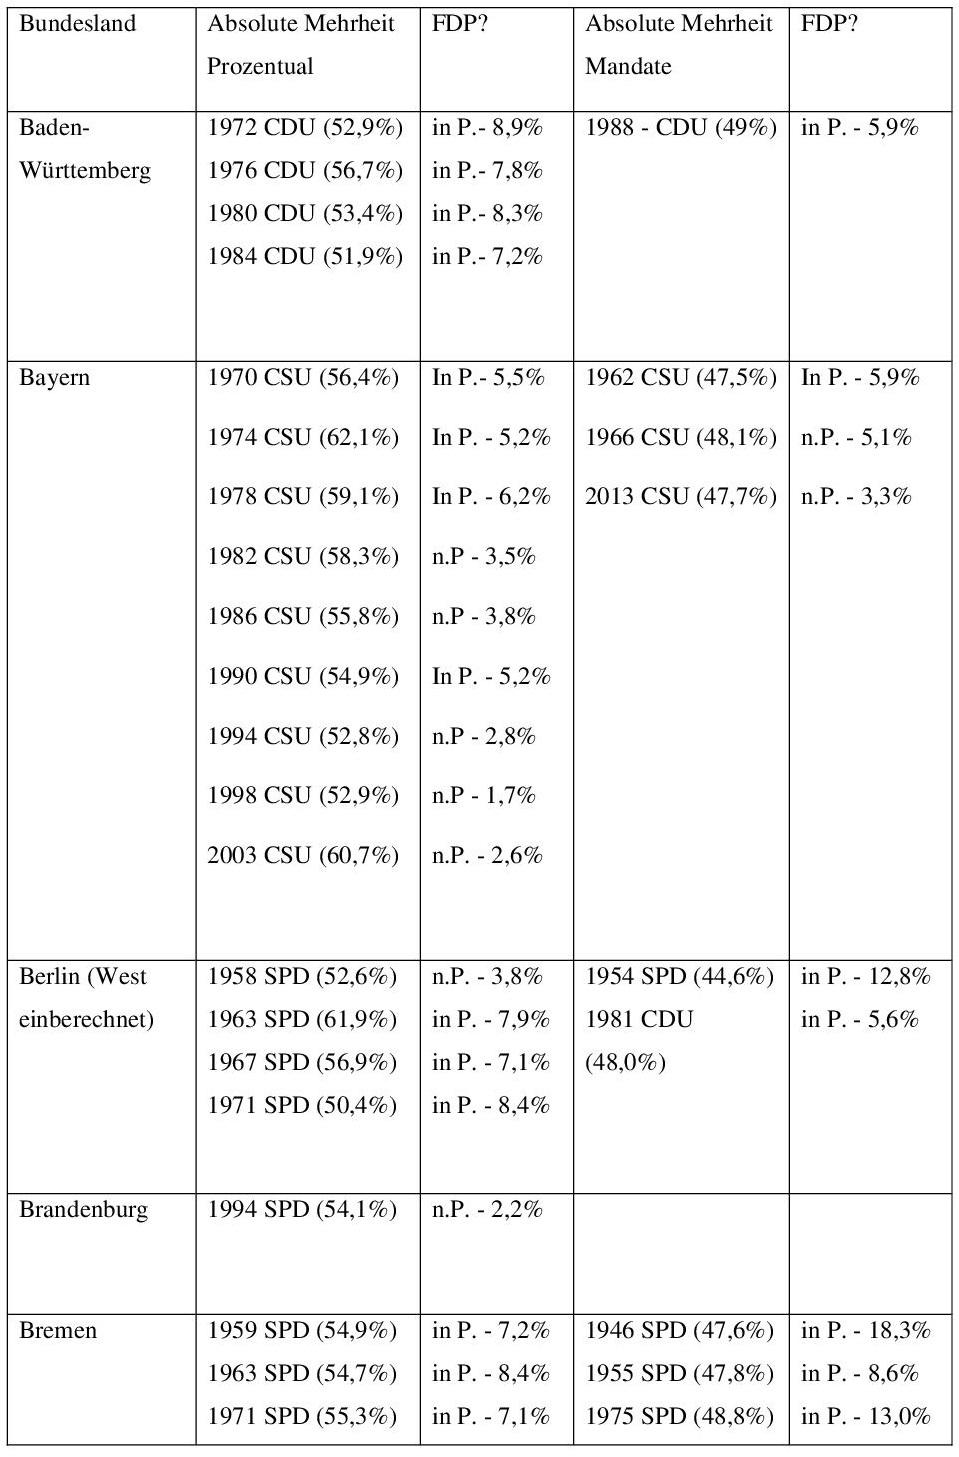 Anhang 2: Die FDP und absolute Mehrheiten 001